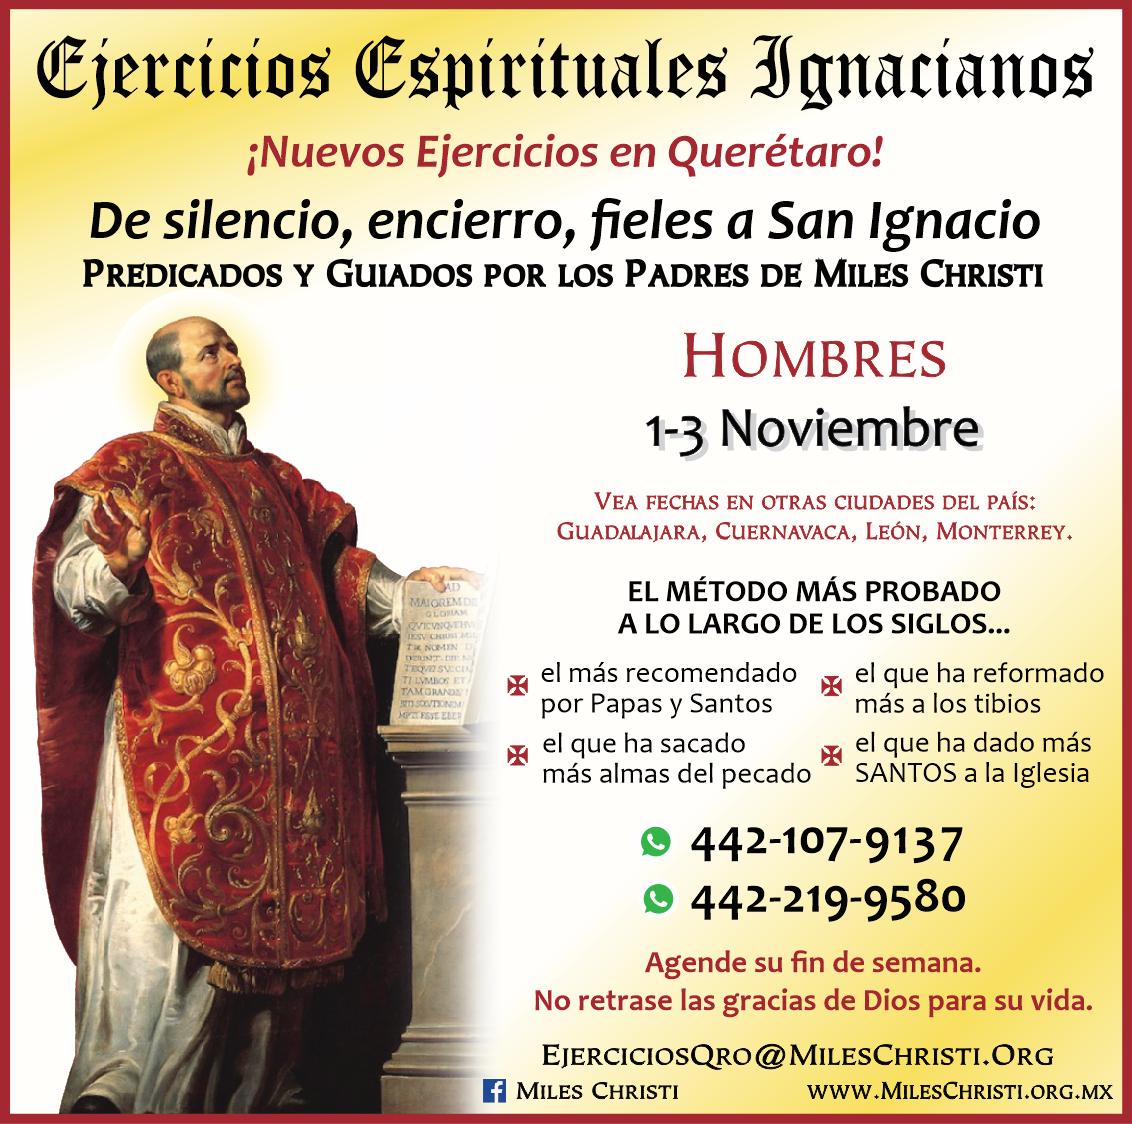 Ejercicios Espirituales, predicados por los padres de Miles Christi en México